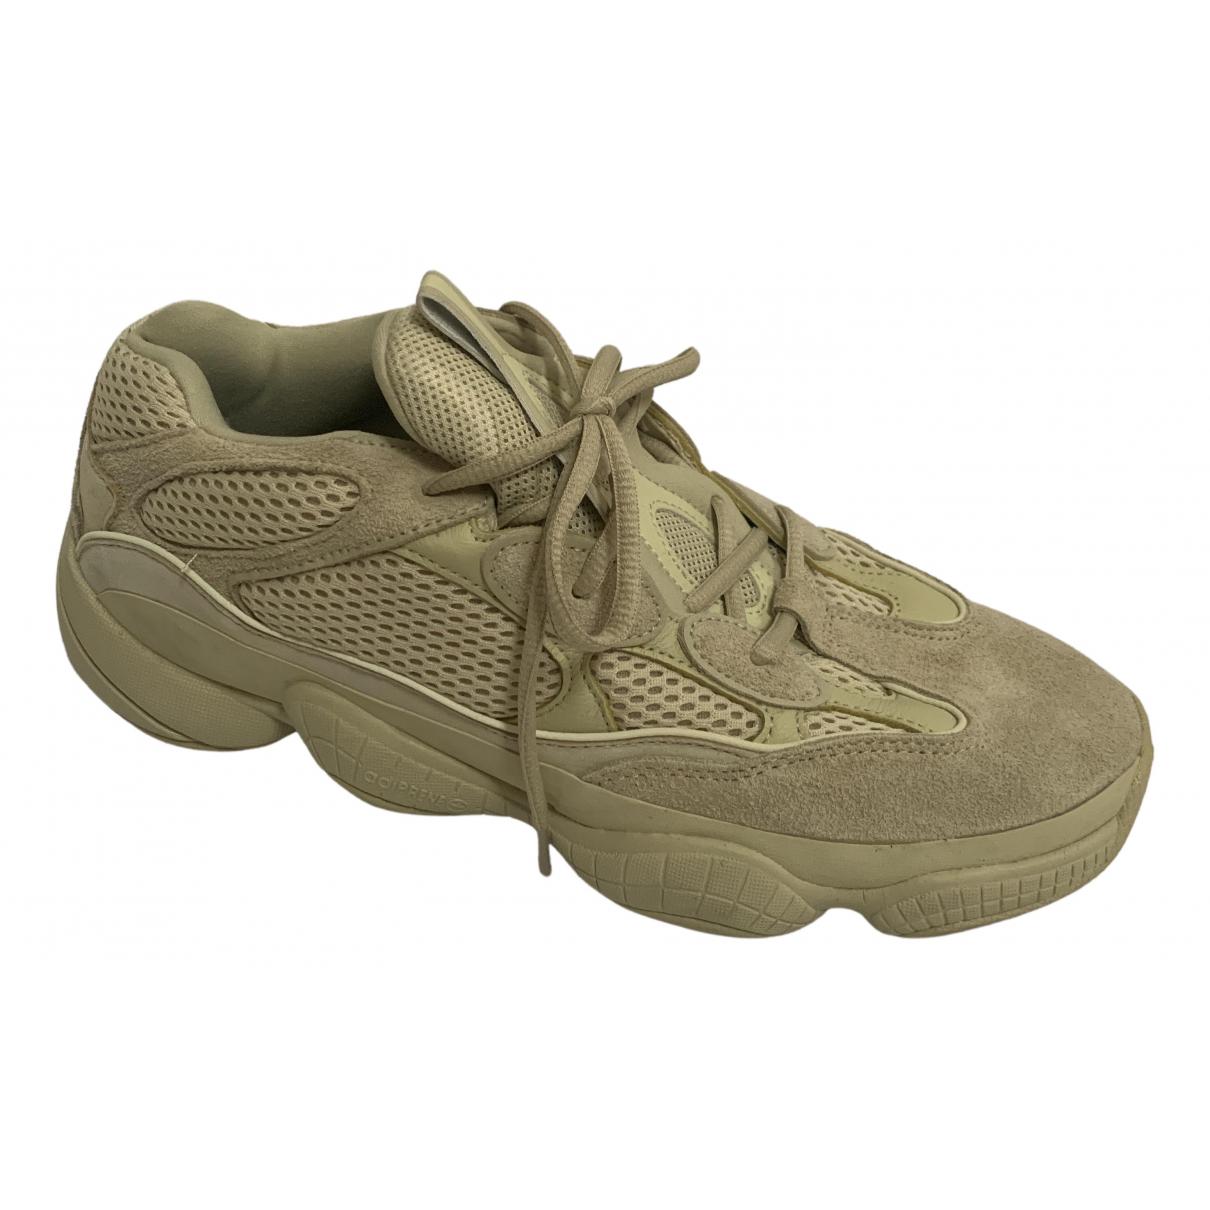 Yeezy X Adidas - Baskets 500 pour homme en cuir - jaune